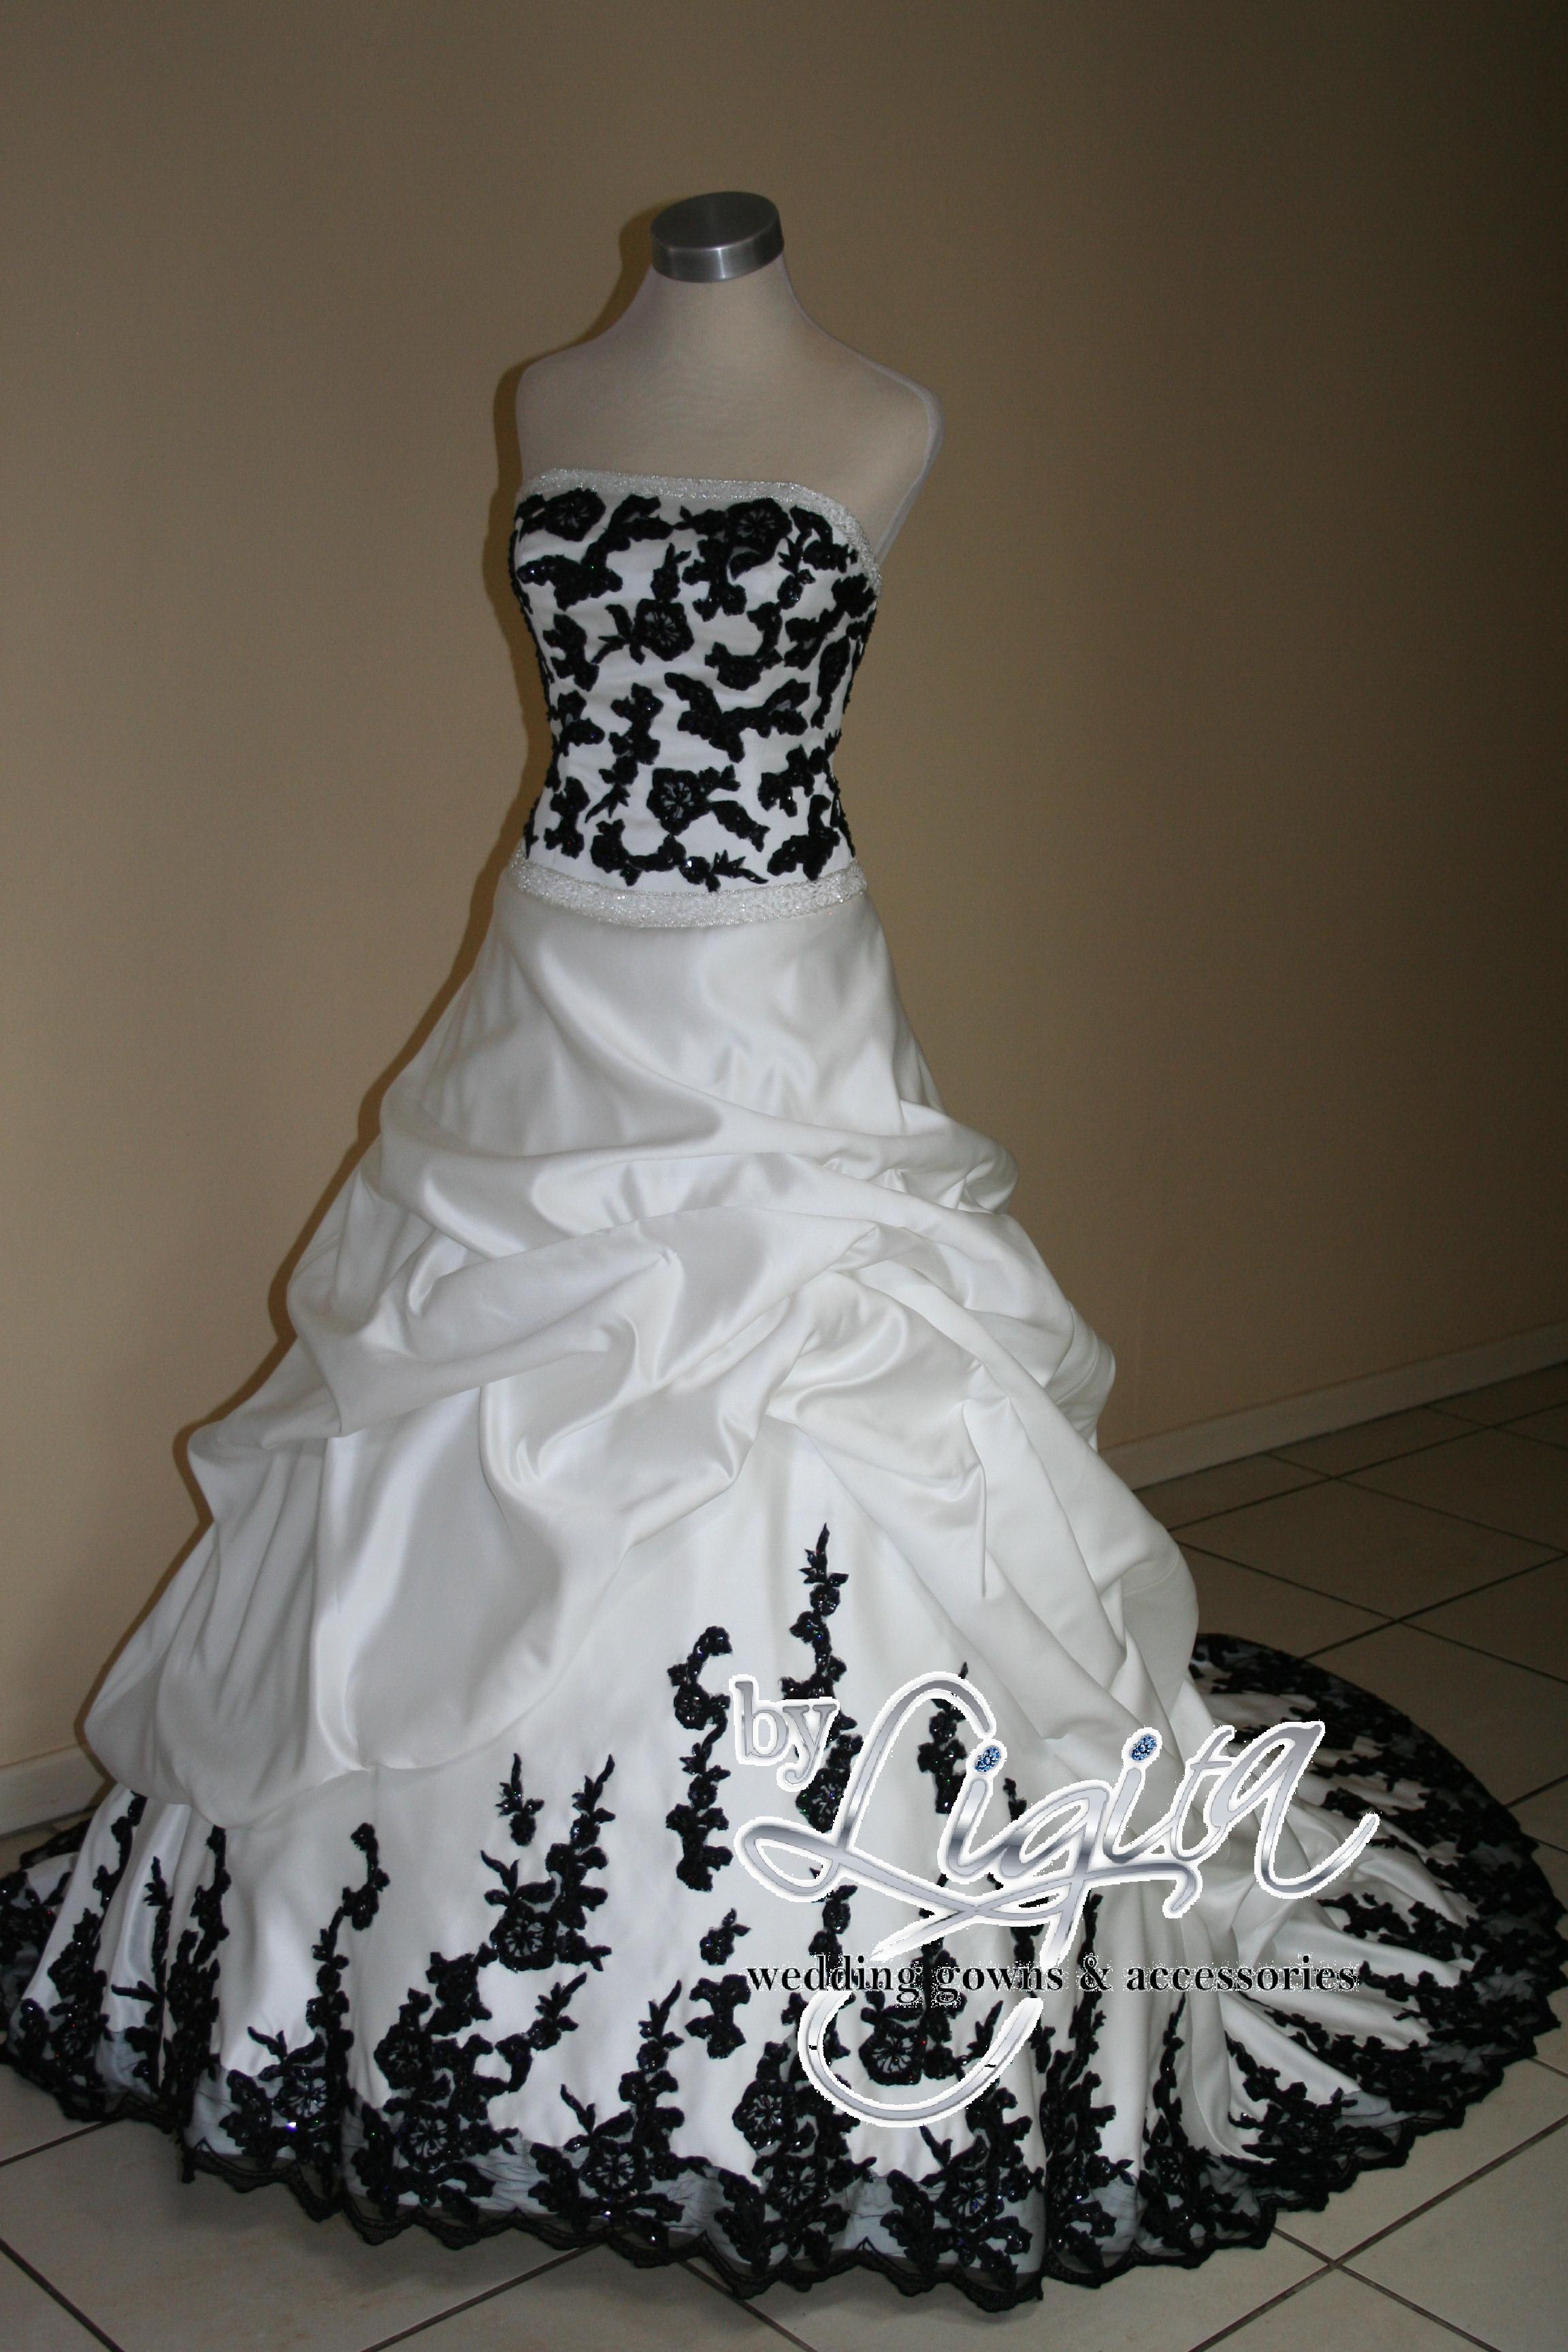 """""""By Ligita"""" wedding gowns & accessories"""